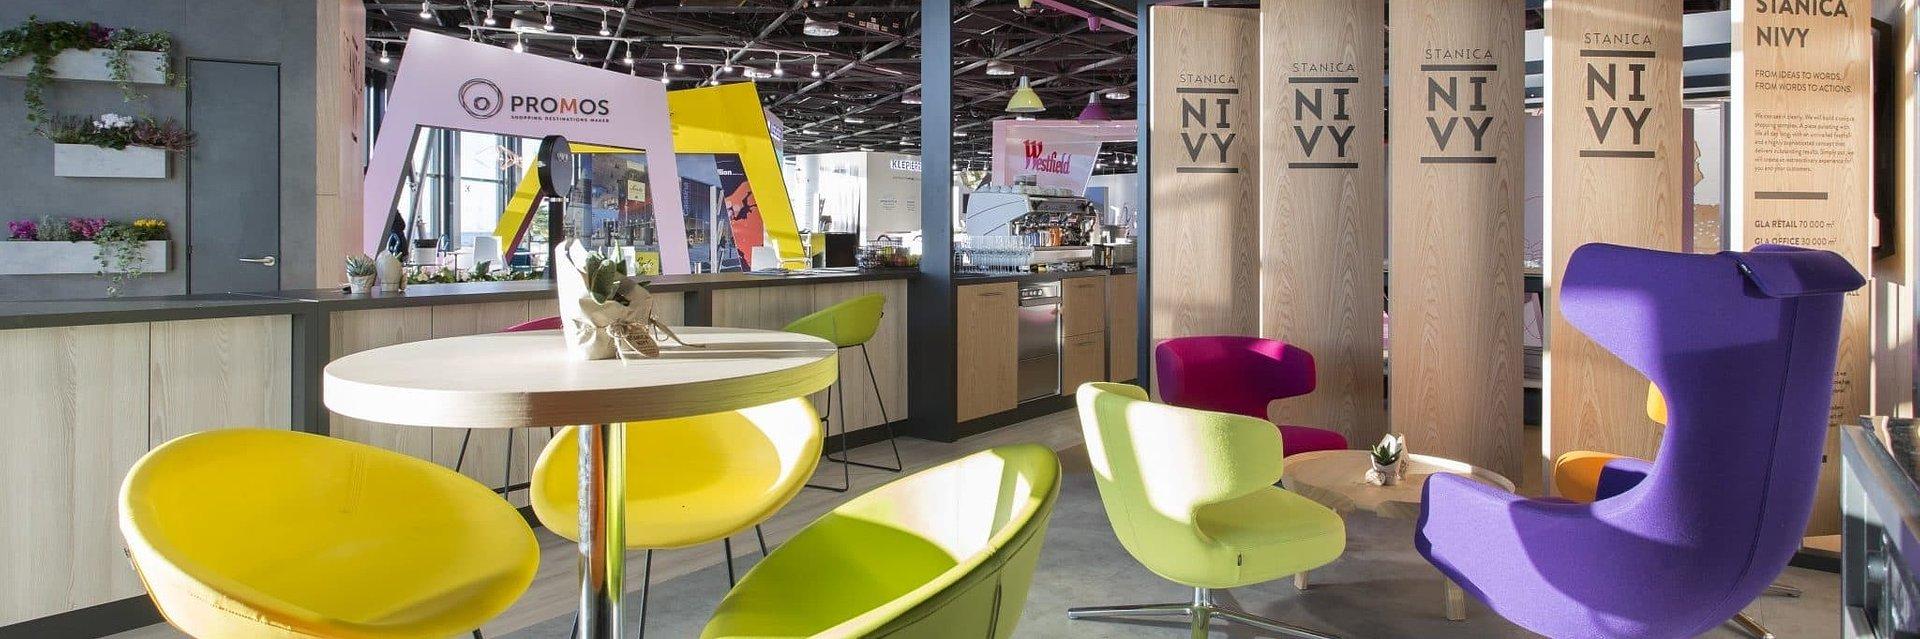 HB Reavis präsentiert Stanica Nivy auf der MAPIC – die Spielregeln für den Einzelhandel und die Gastronomie in Bratislava werden neu aufgestellt